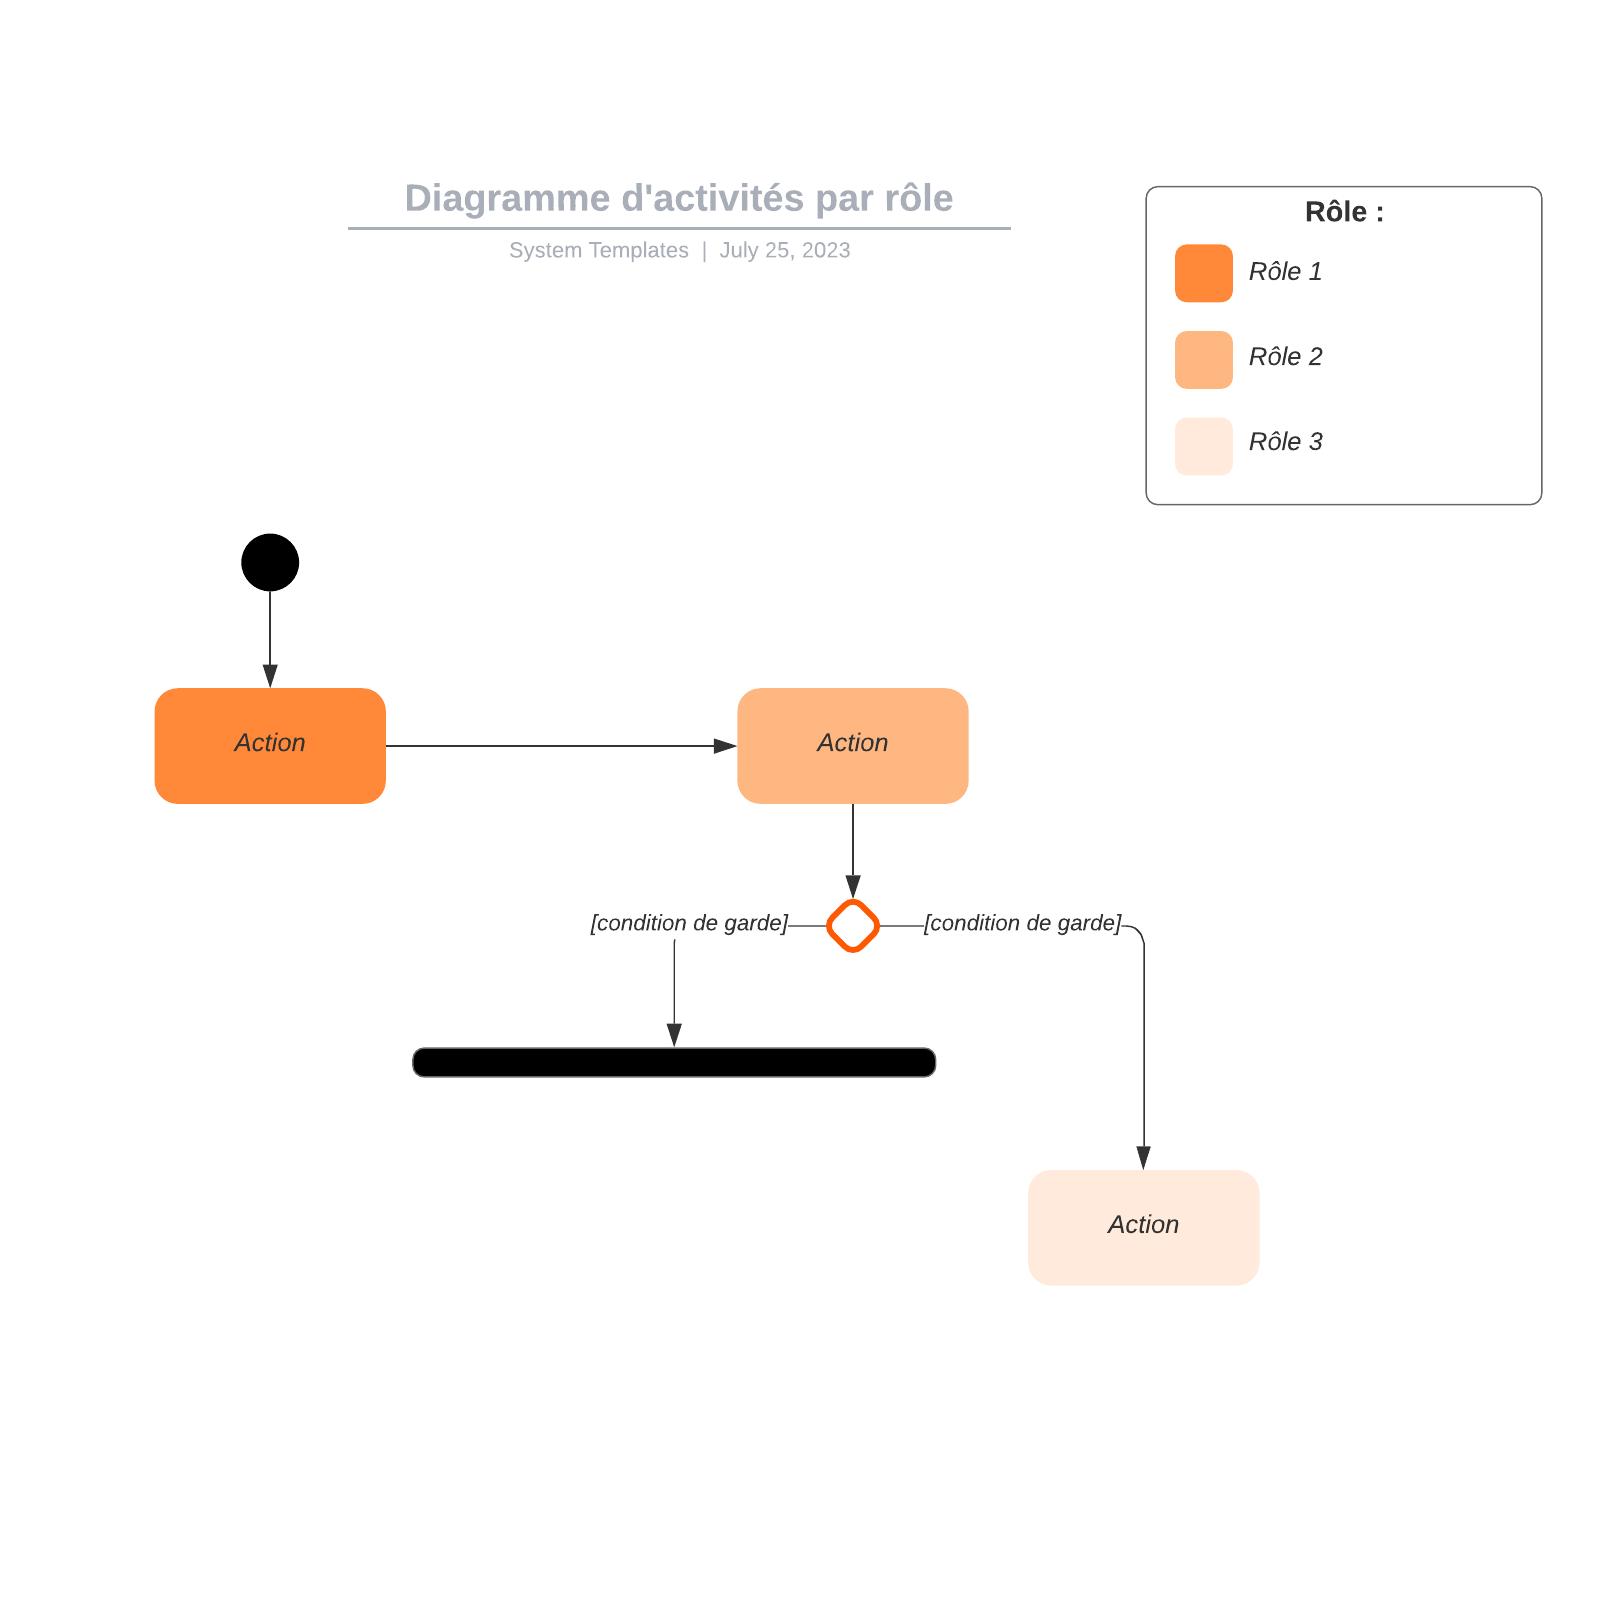 exemple de diagramme d'activités UML par rôle vierge